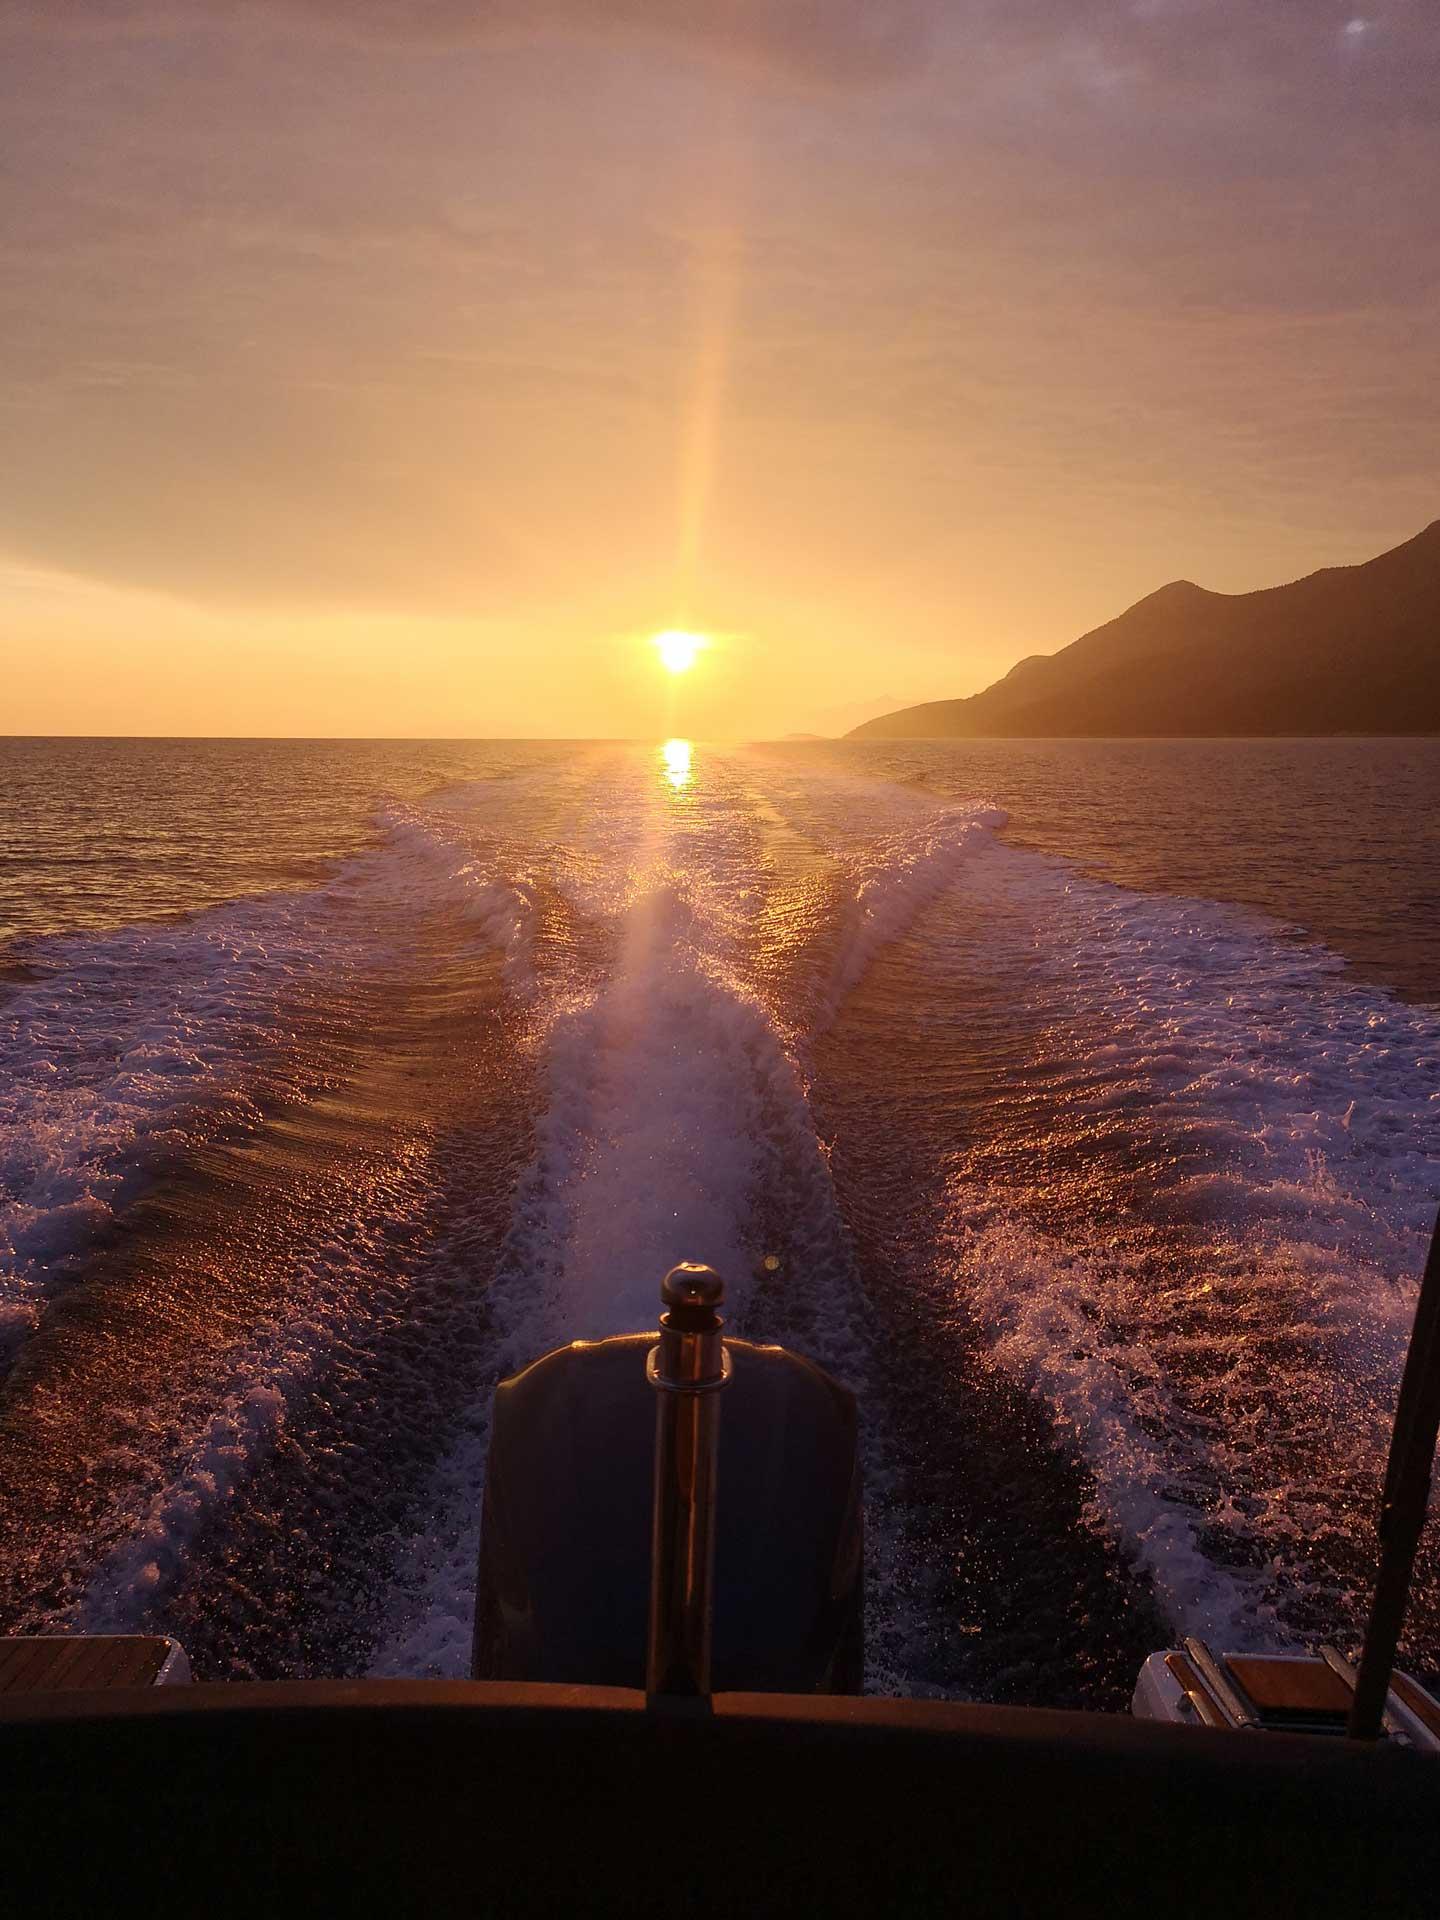 Sunrise Or Sunset Panorama Cruise